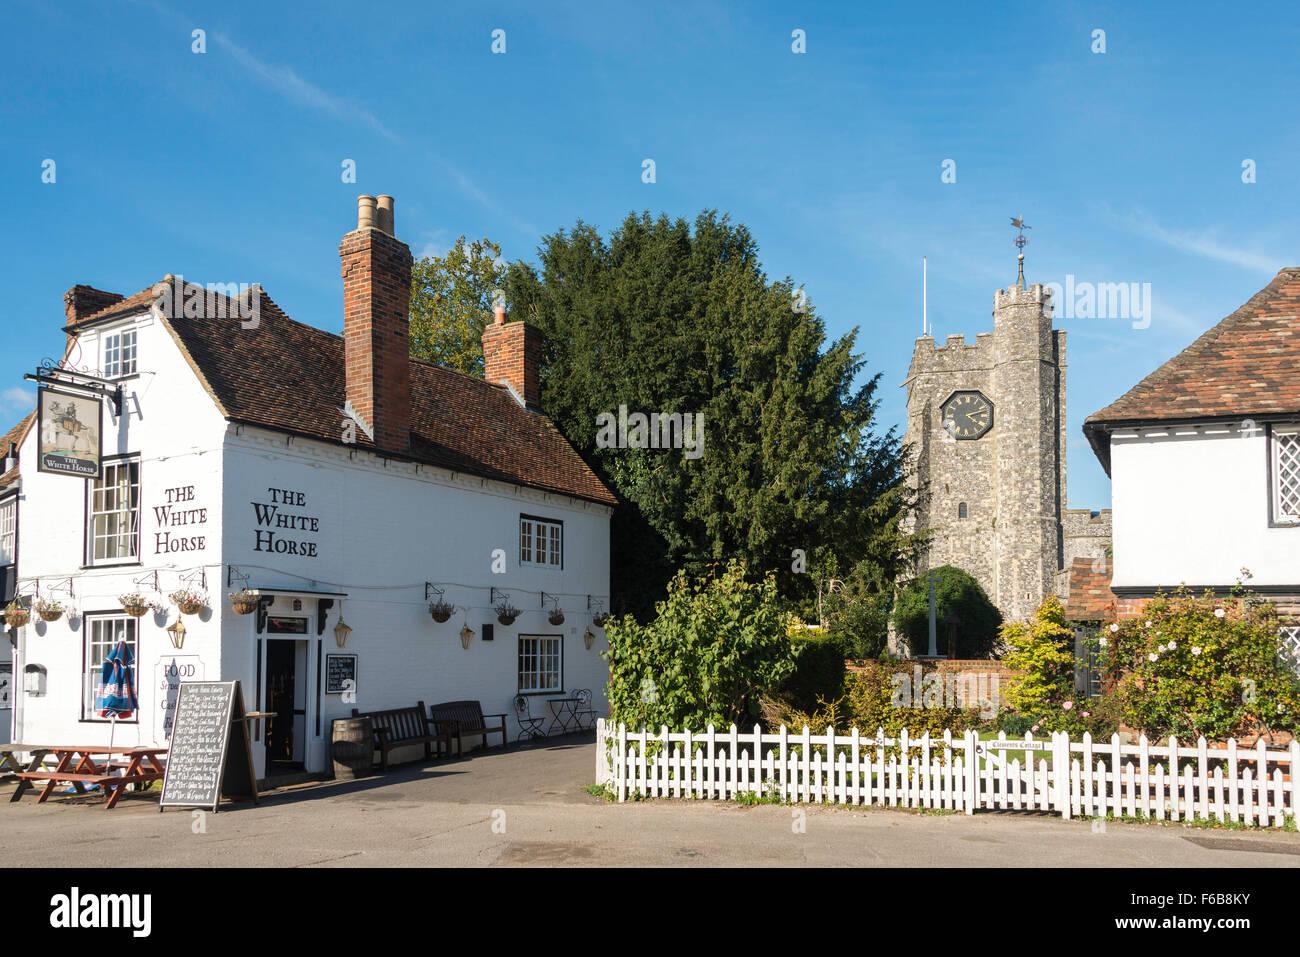 L'Auberge du Cheval Blanc et de l'église St Mary, Chilham Square, Chilham, Kent, Angleterre, Royaume-Uni Banque D'Images